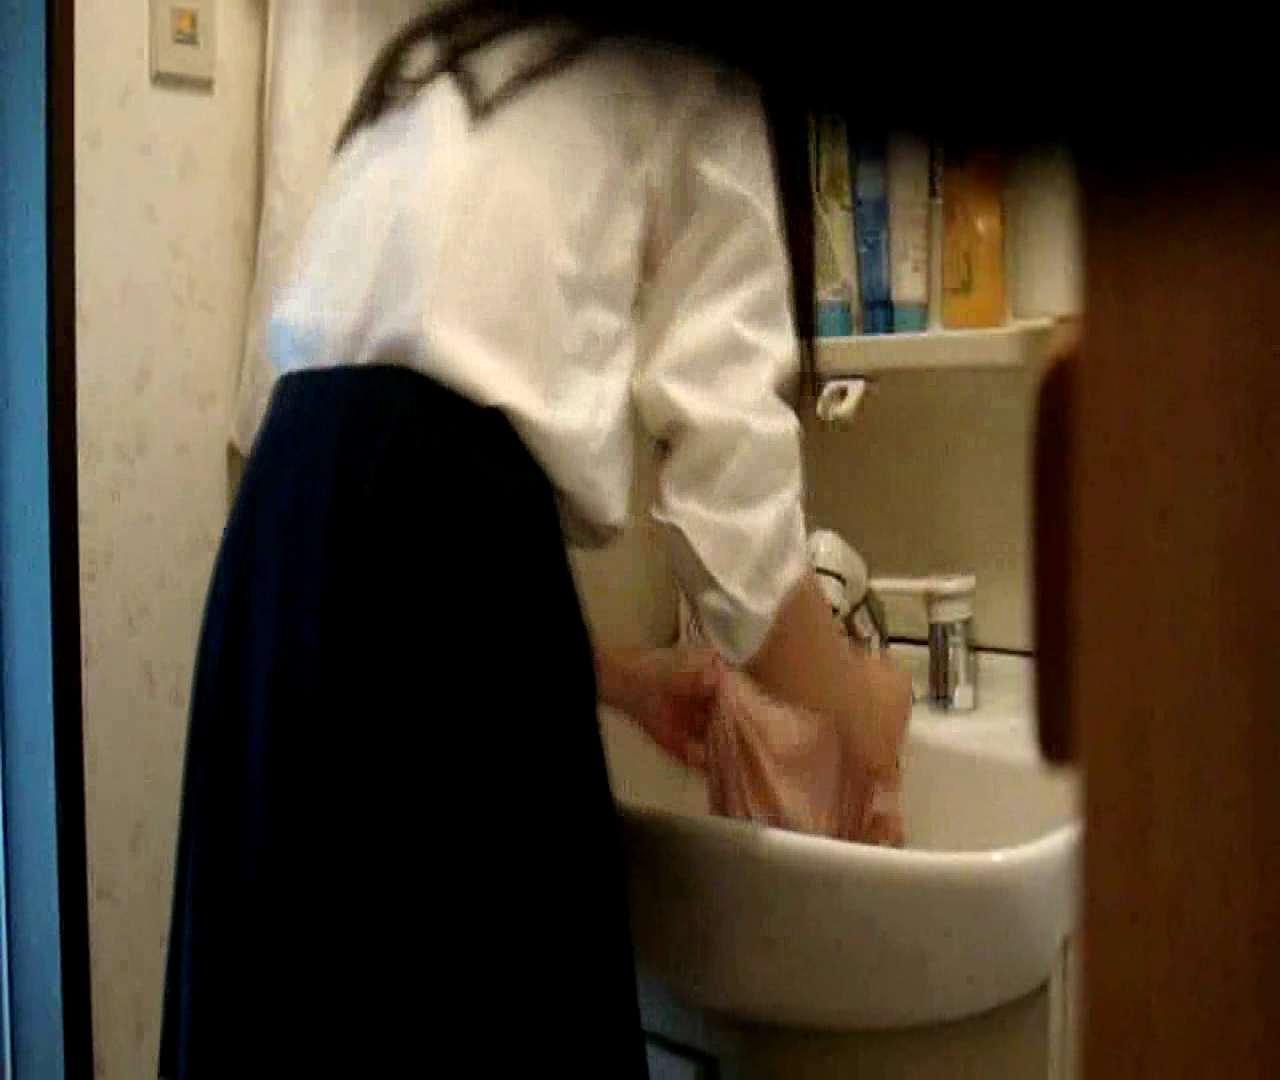 二人とも育てた甲斐がありました… vol.05 まどかが洗顔後にブラを洗濯 盗撮シリーズ  79PIX 78